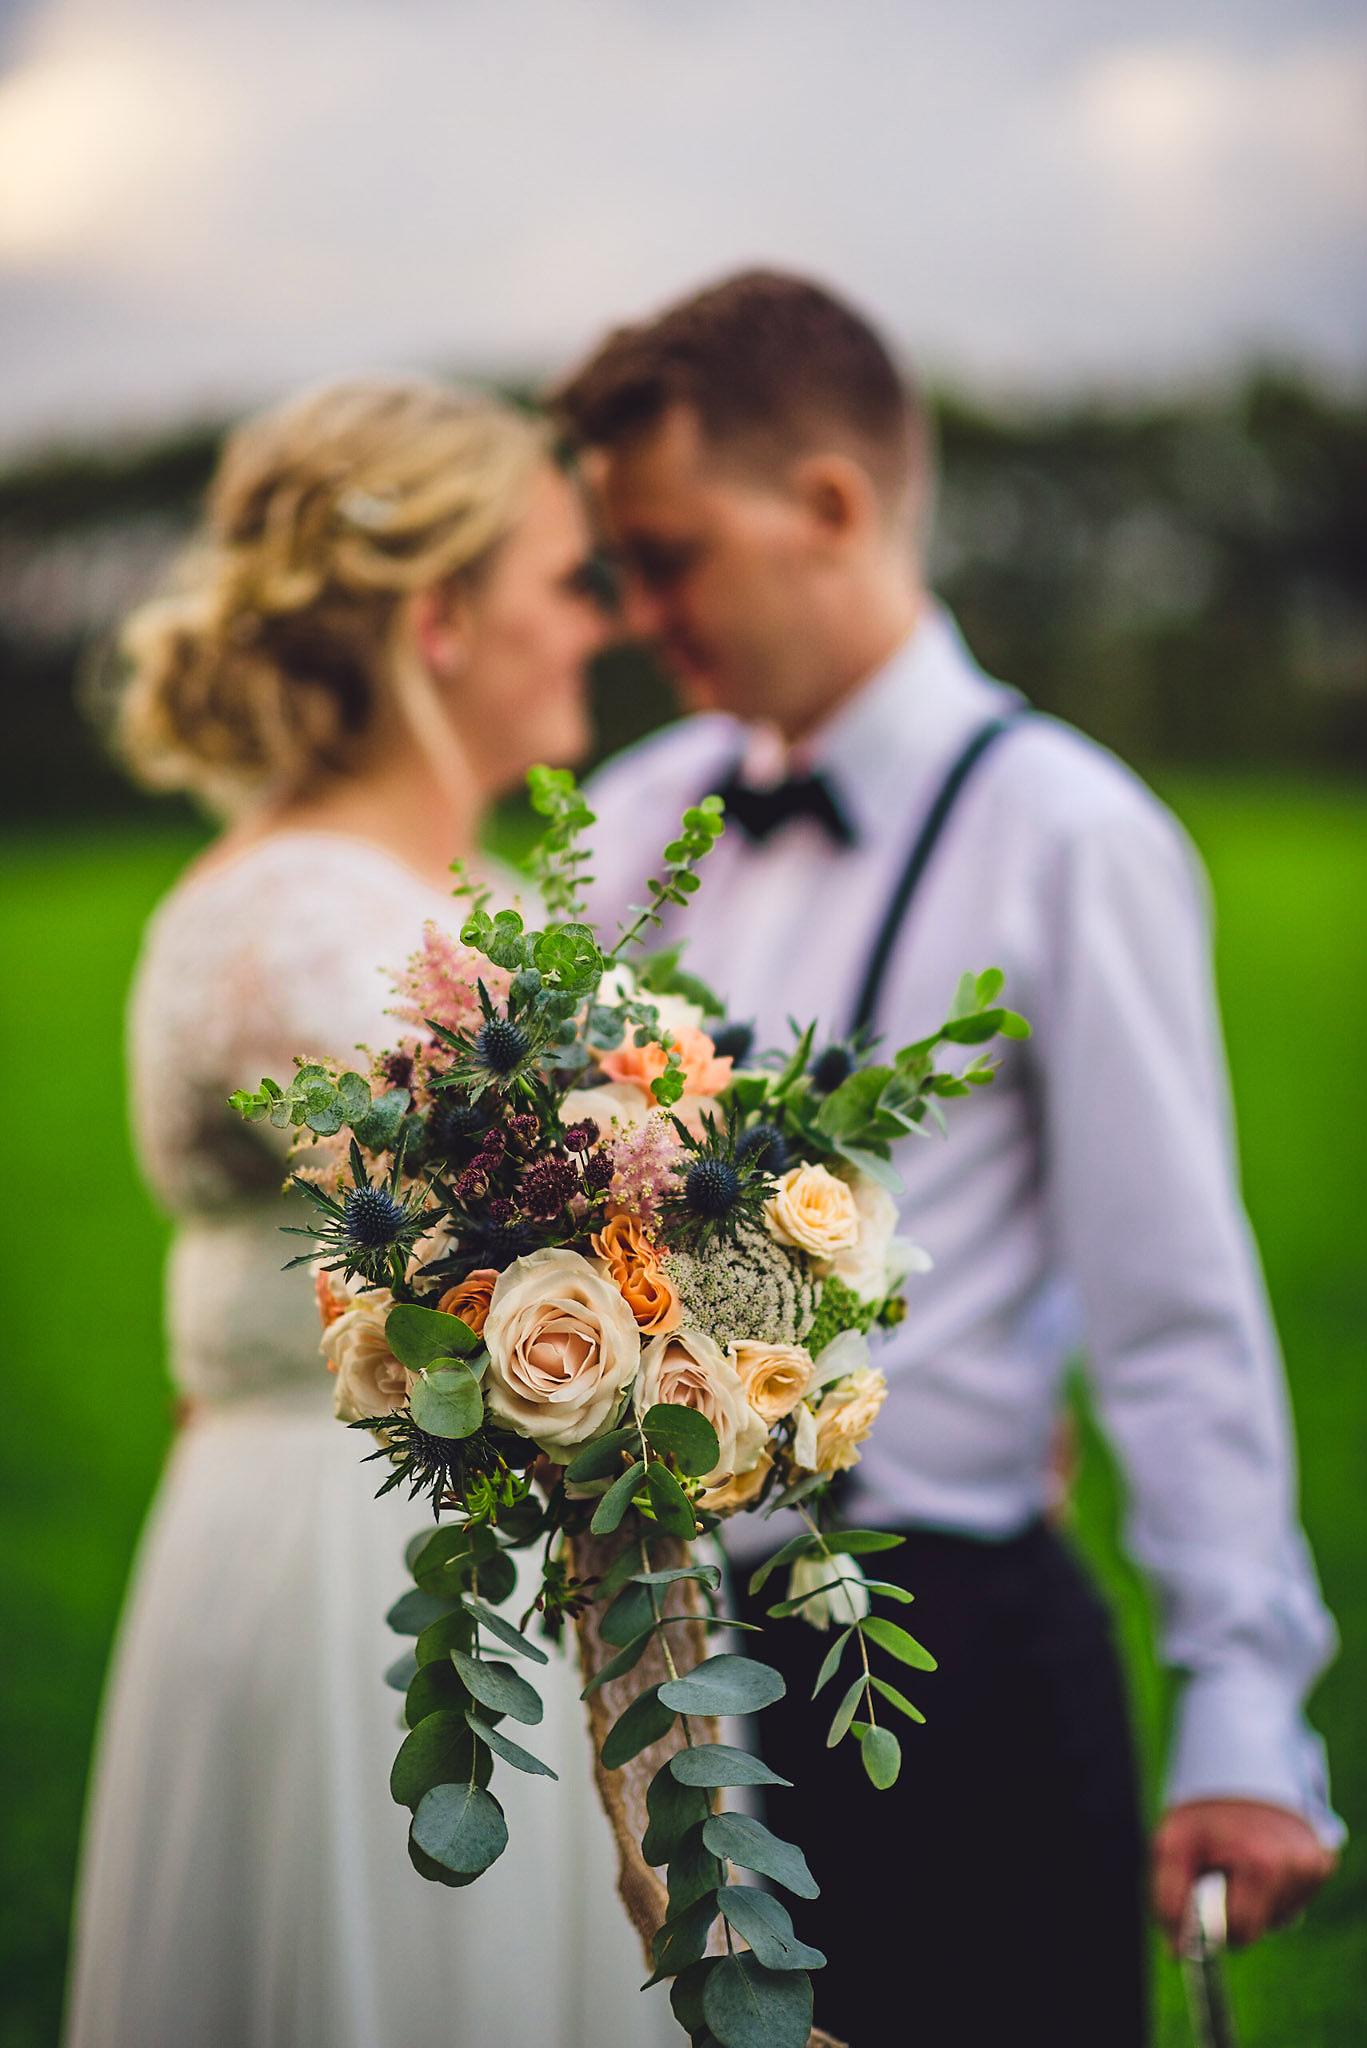 bryllupsbukett_eirik-halvorsen_eliogkjetil.jpg